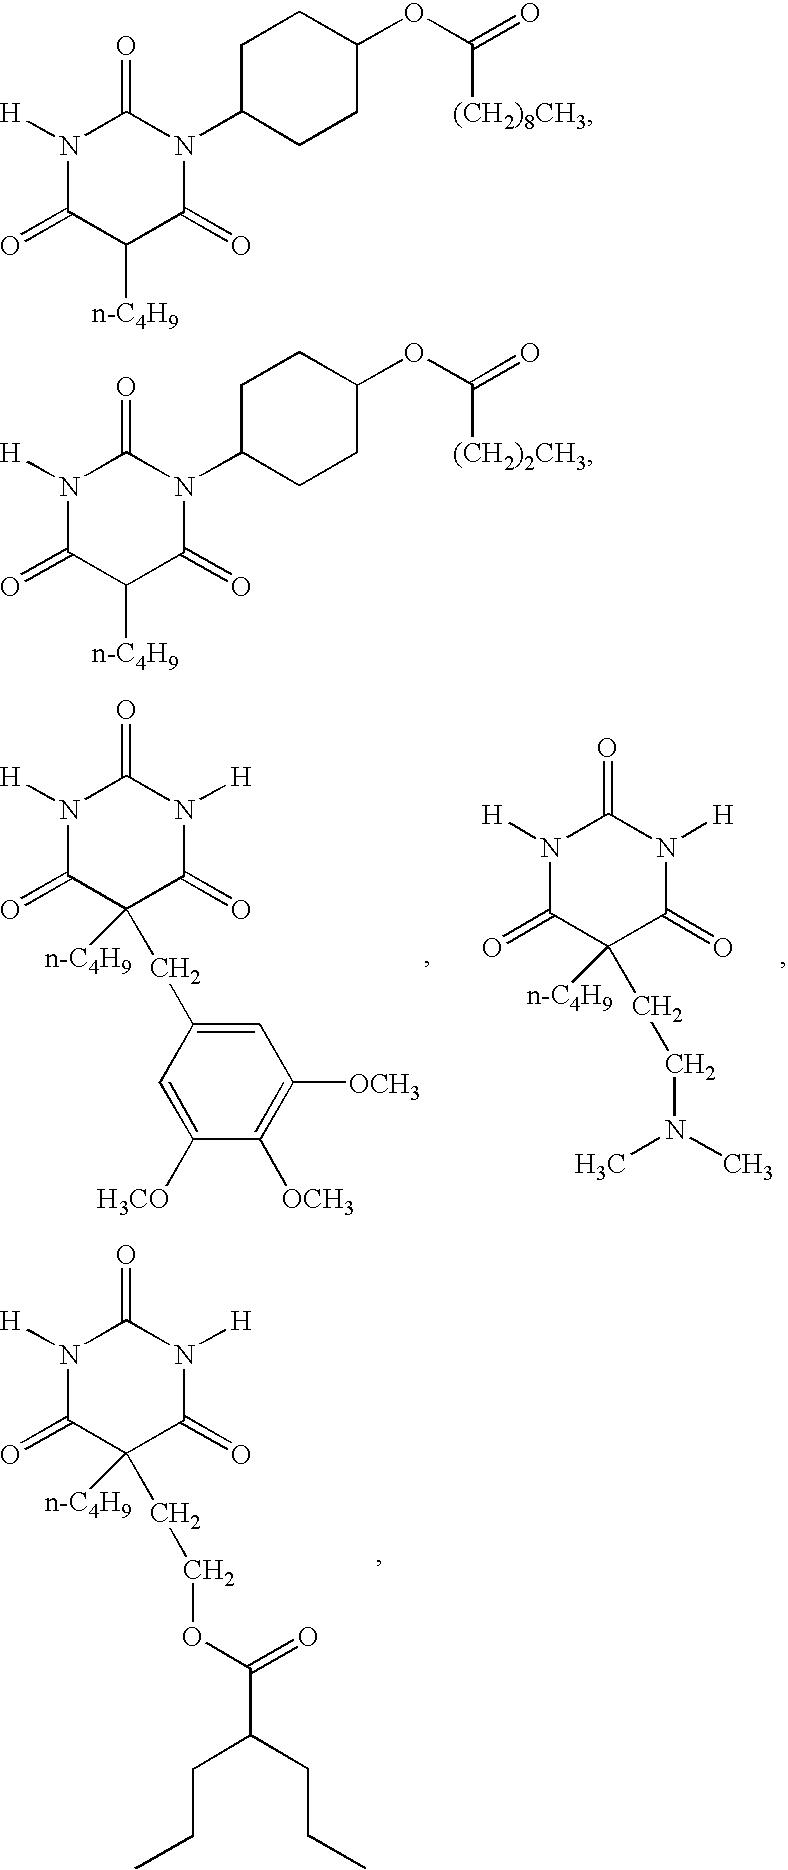 Figure US20040065227A1-20040408-C00137